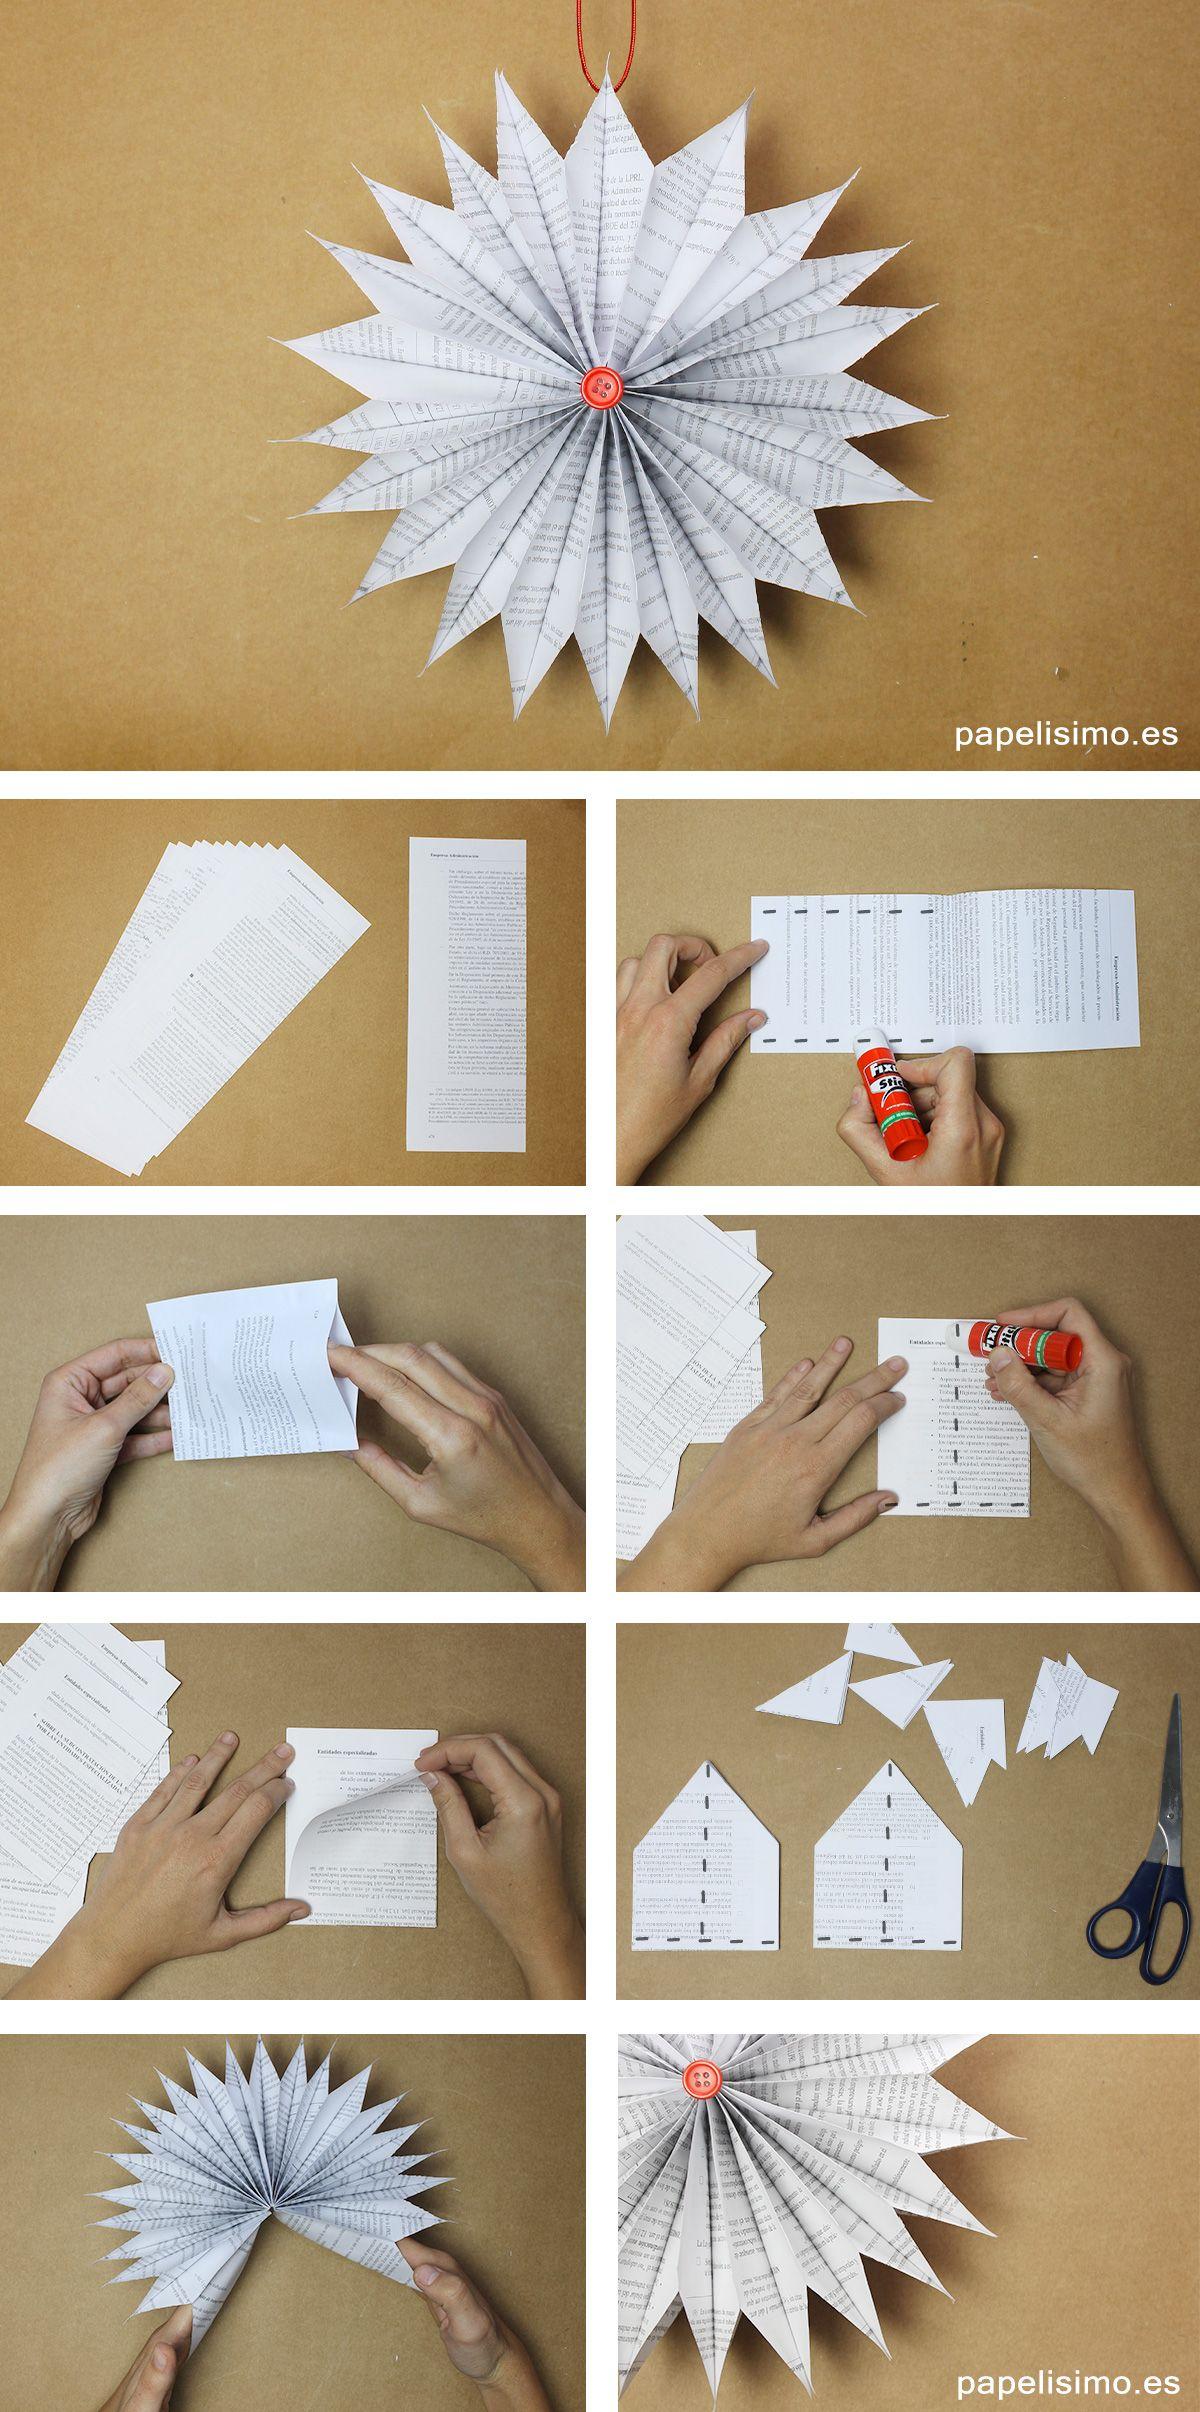 Adornos navidenos papel paso a paso diy paper christmas ornaments papel de periodico pinterest - Adornos navidenos diy ...